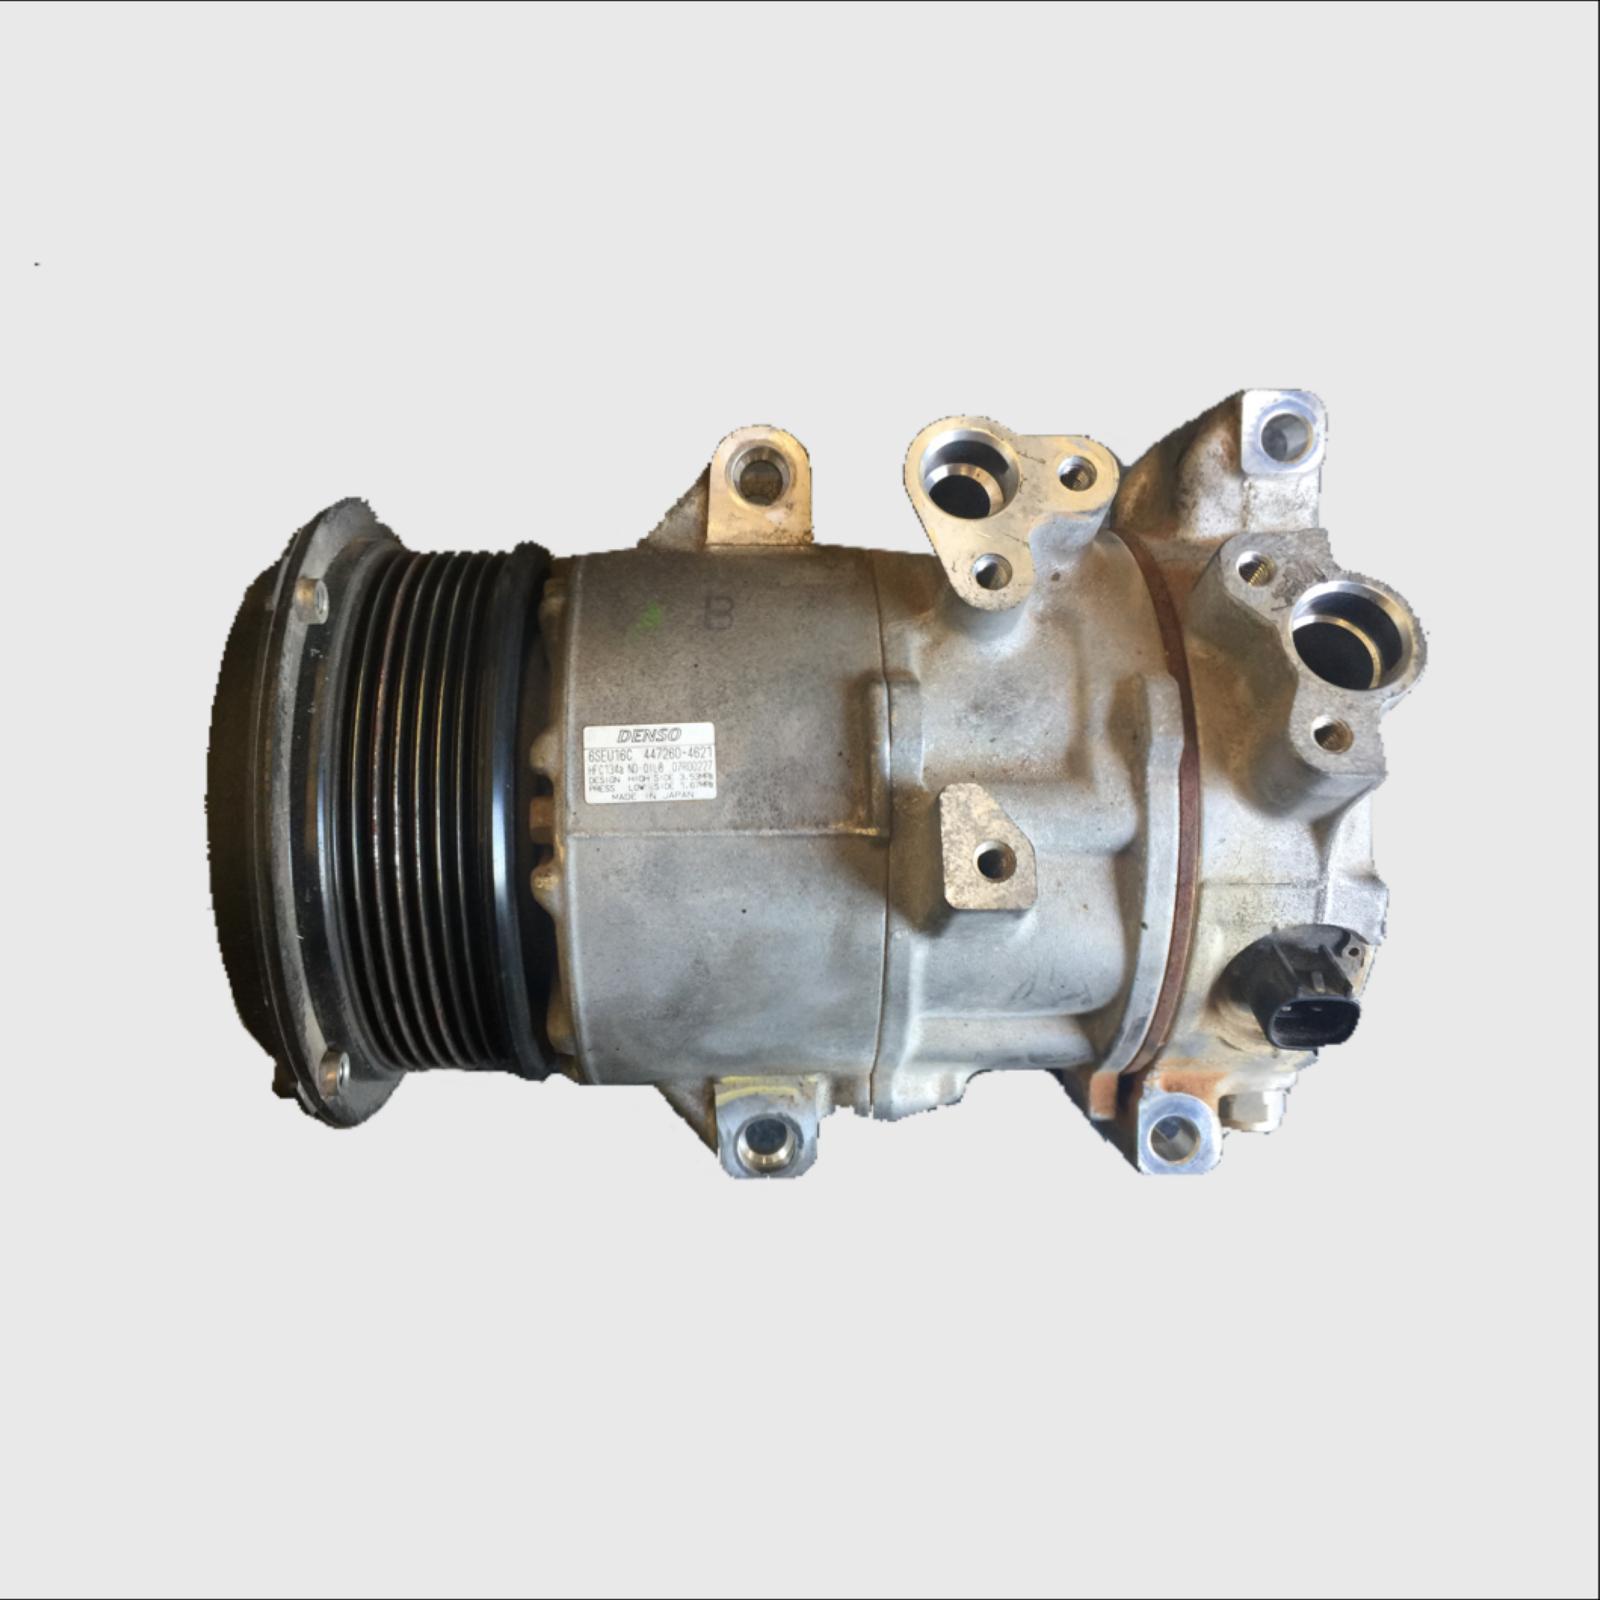 TOYOTA AVENSIS, A/C Compressor, 2.4, 2AZ-FE, ACM21R, 12/03-12/10